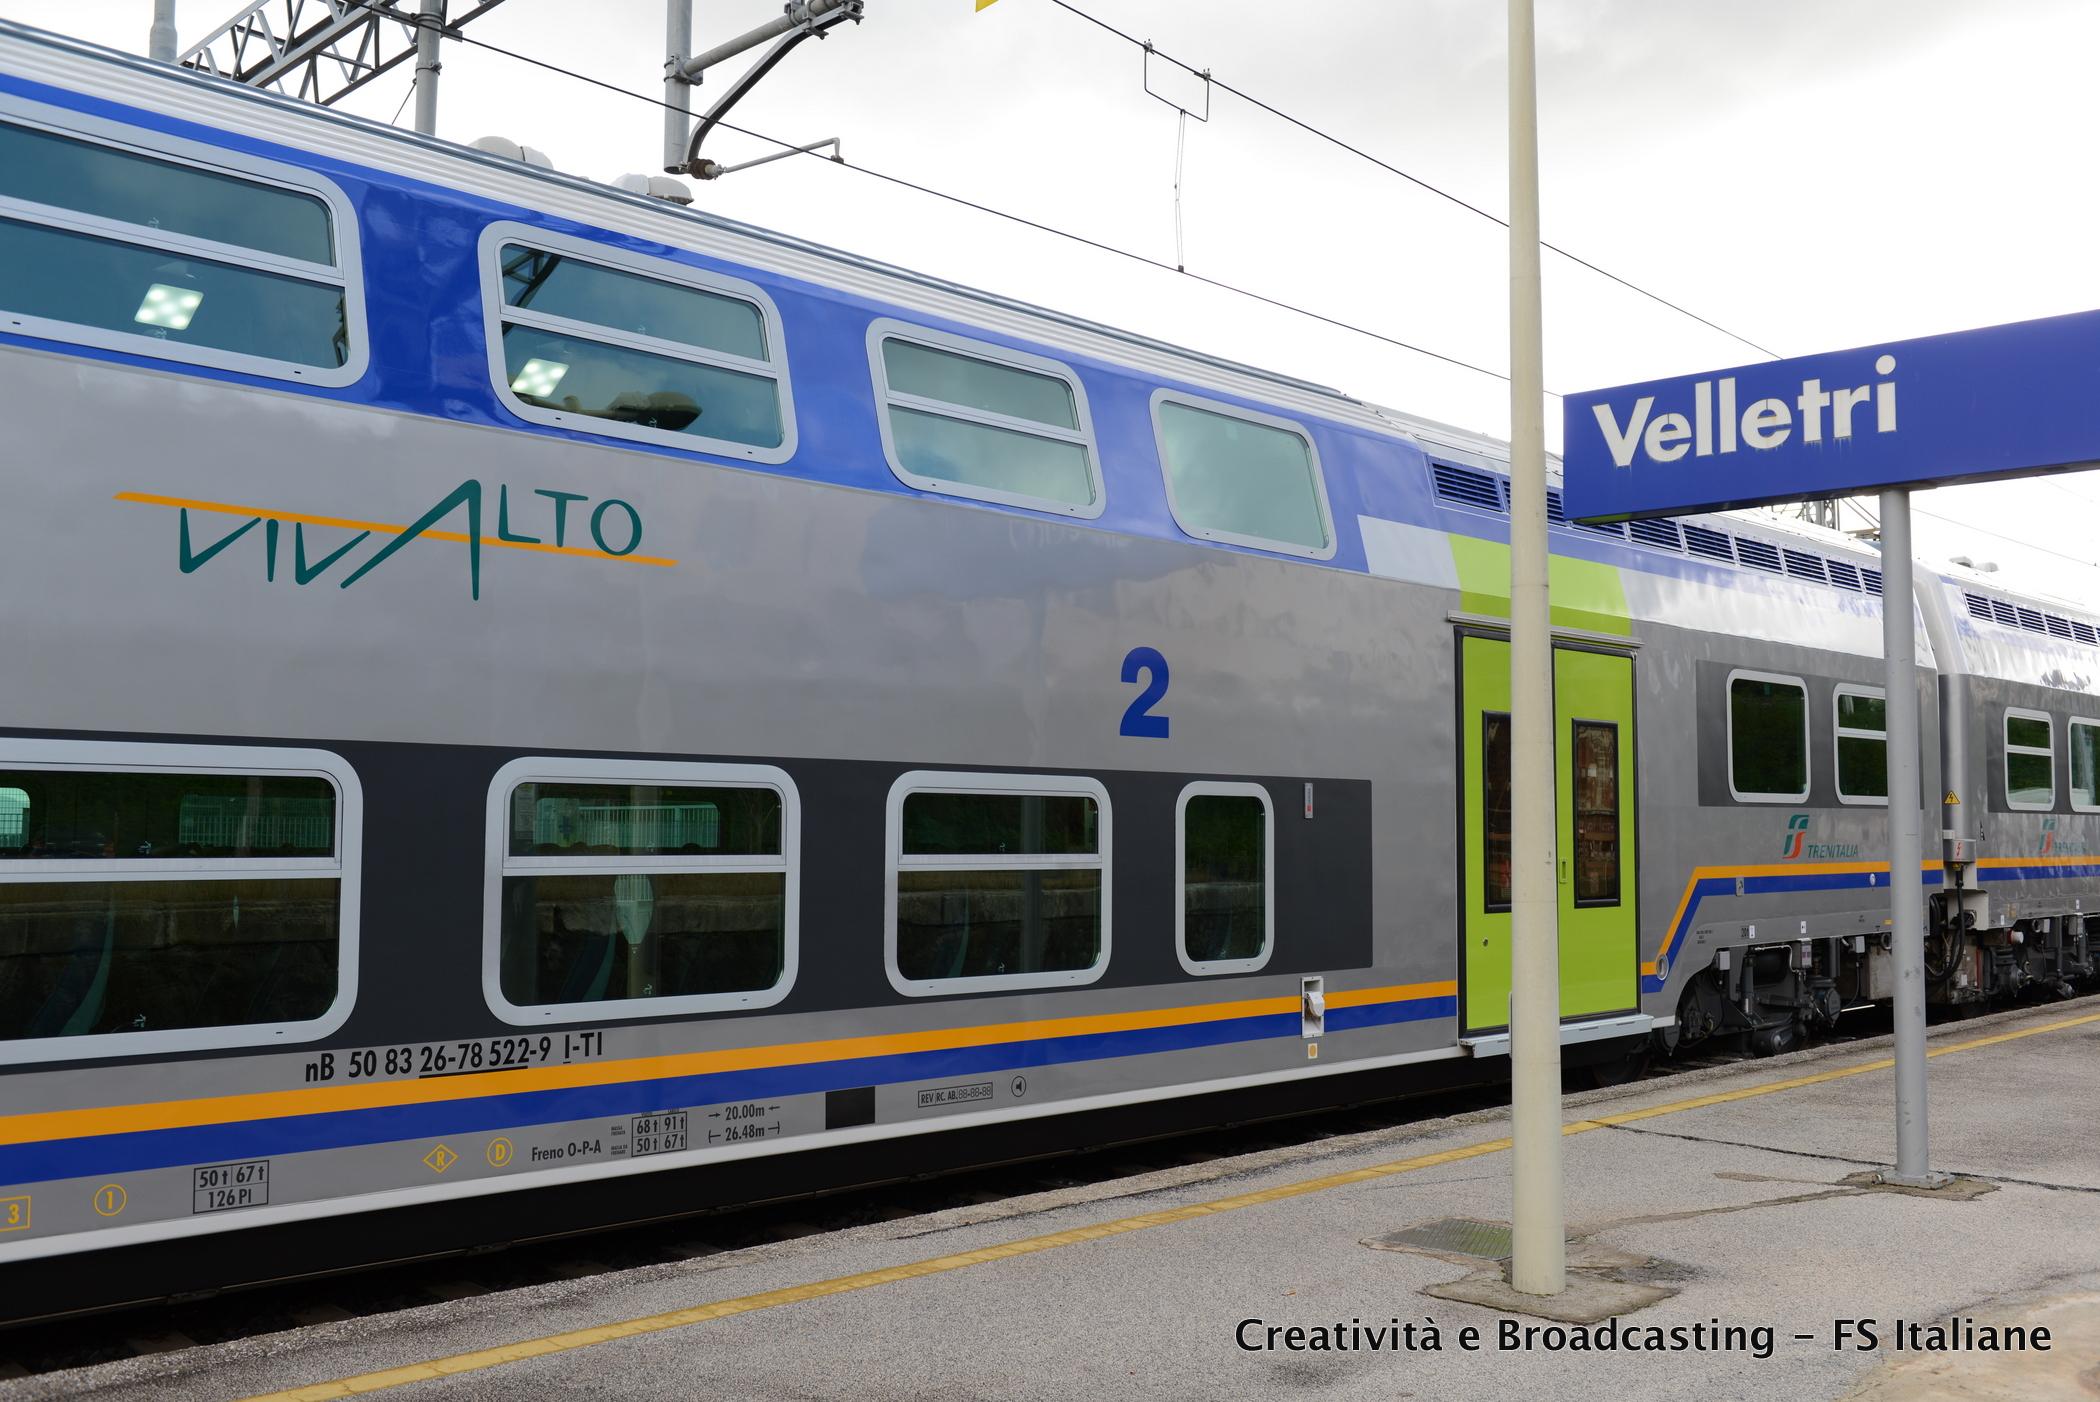 Il nuovo treno Vivalto per la regione Lazio - Foto Gruppo Ferrovie dello Stato Italiane